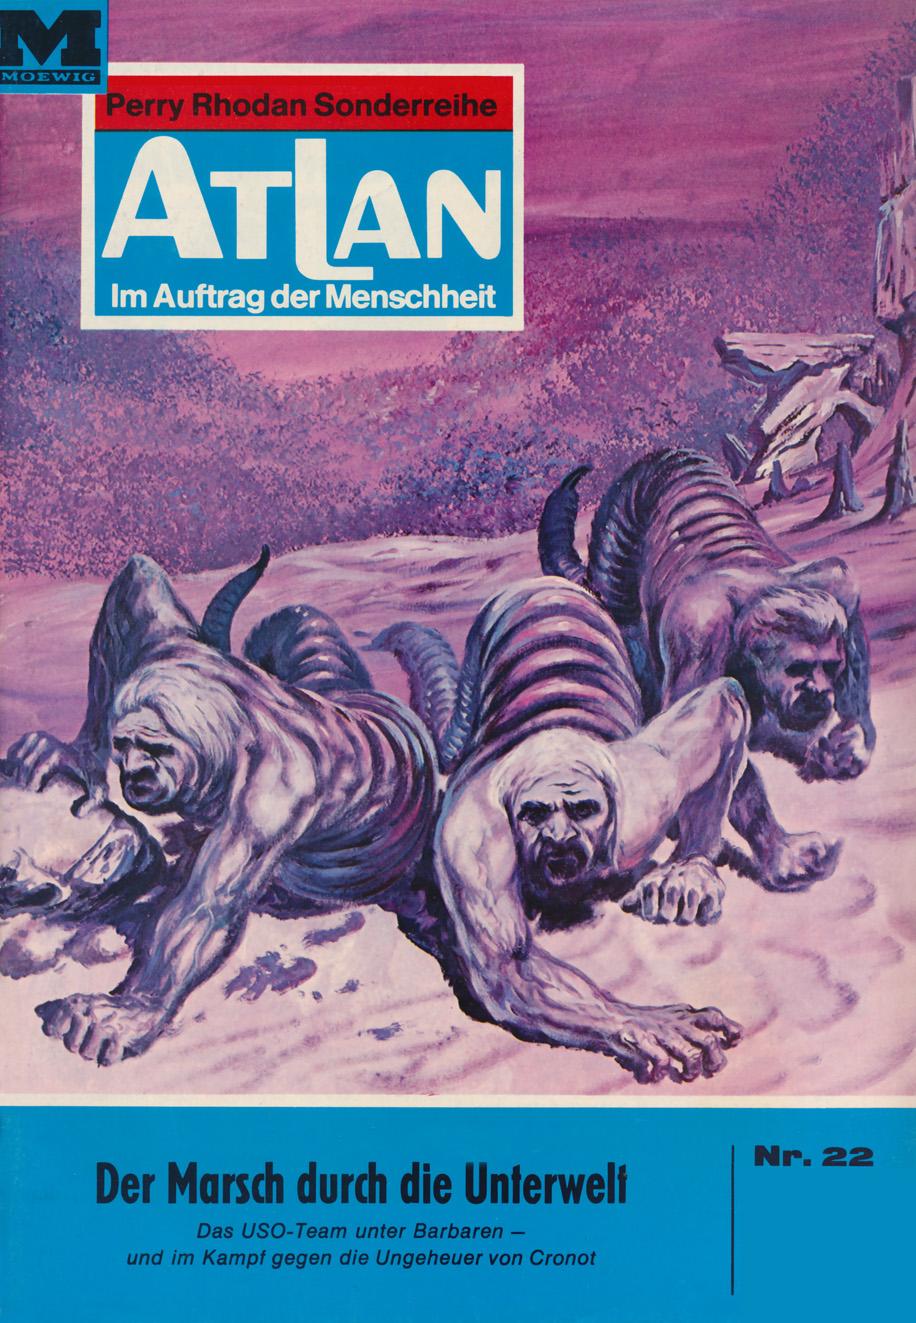 Ernst Vlcek Atlan 22: Der Marsch durch die Unterwelt морган райс marsch der könige